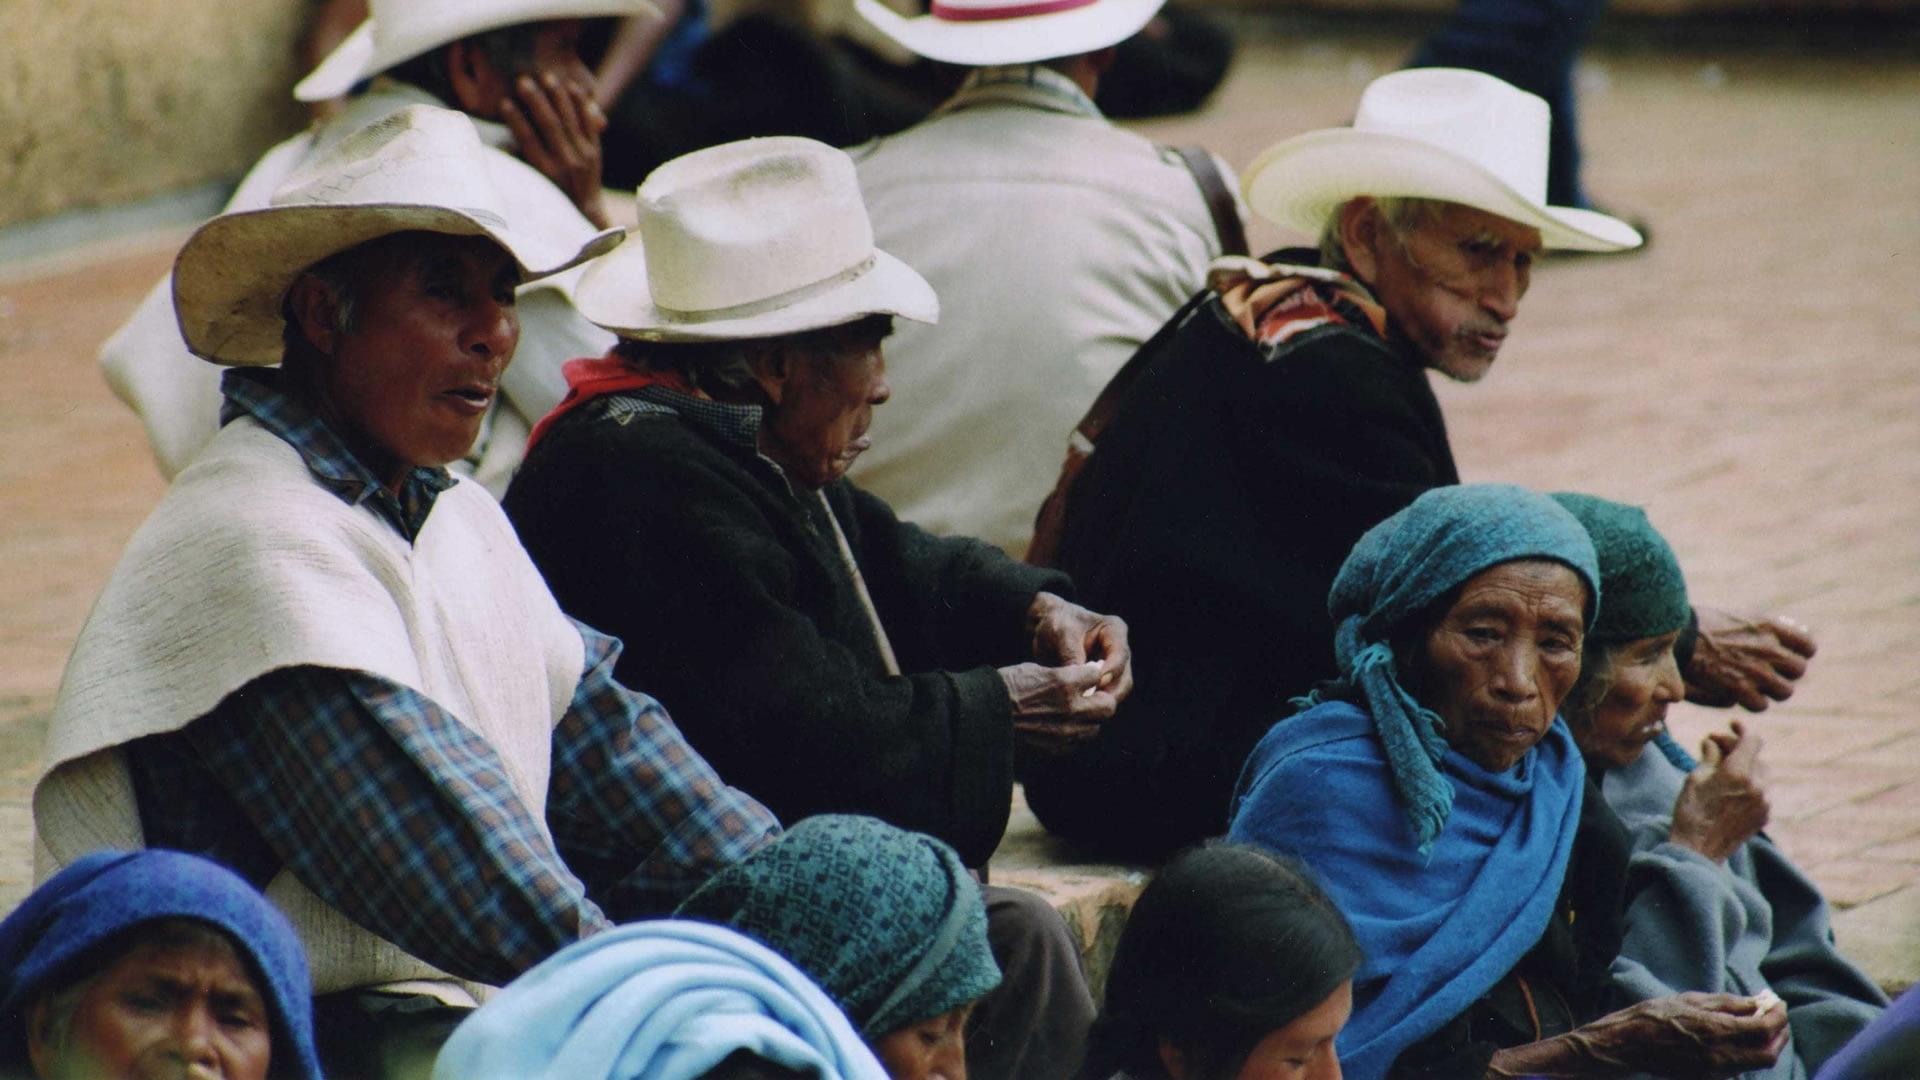 Los chiapas, grupo indígena de México